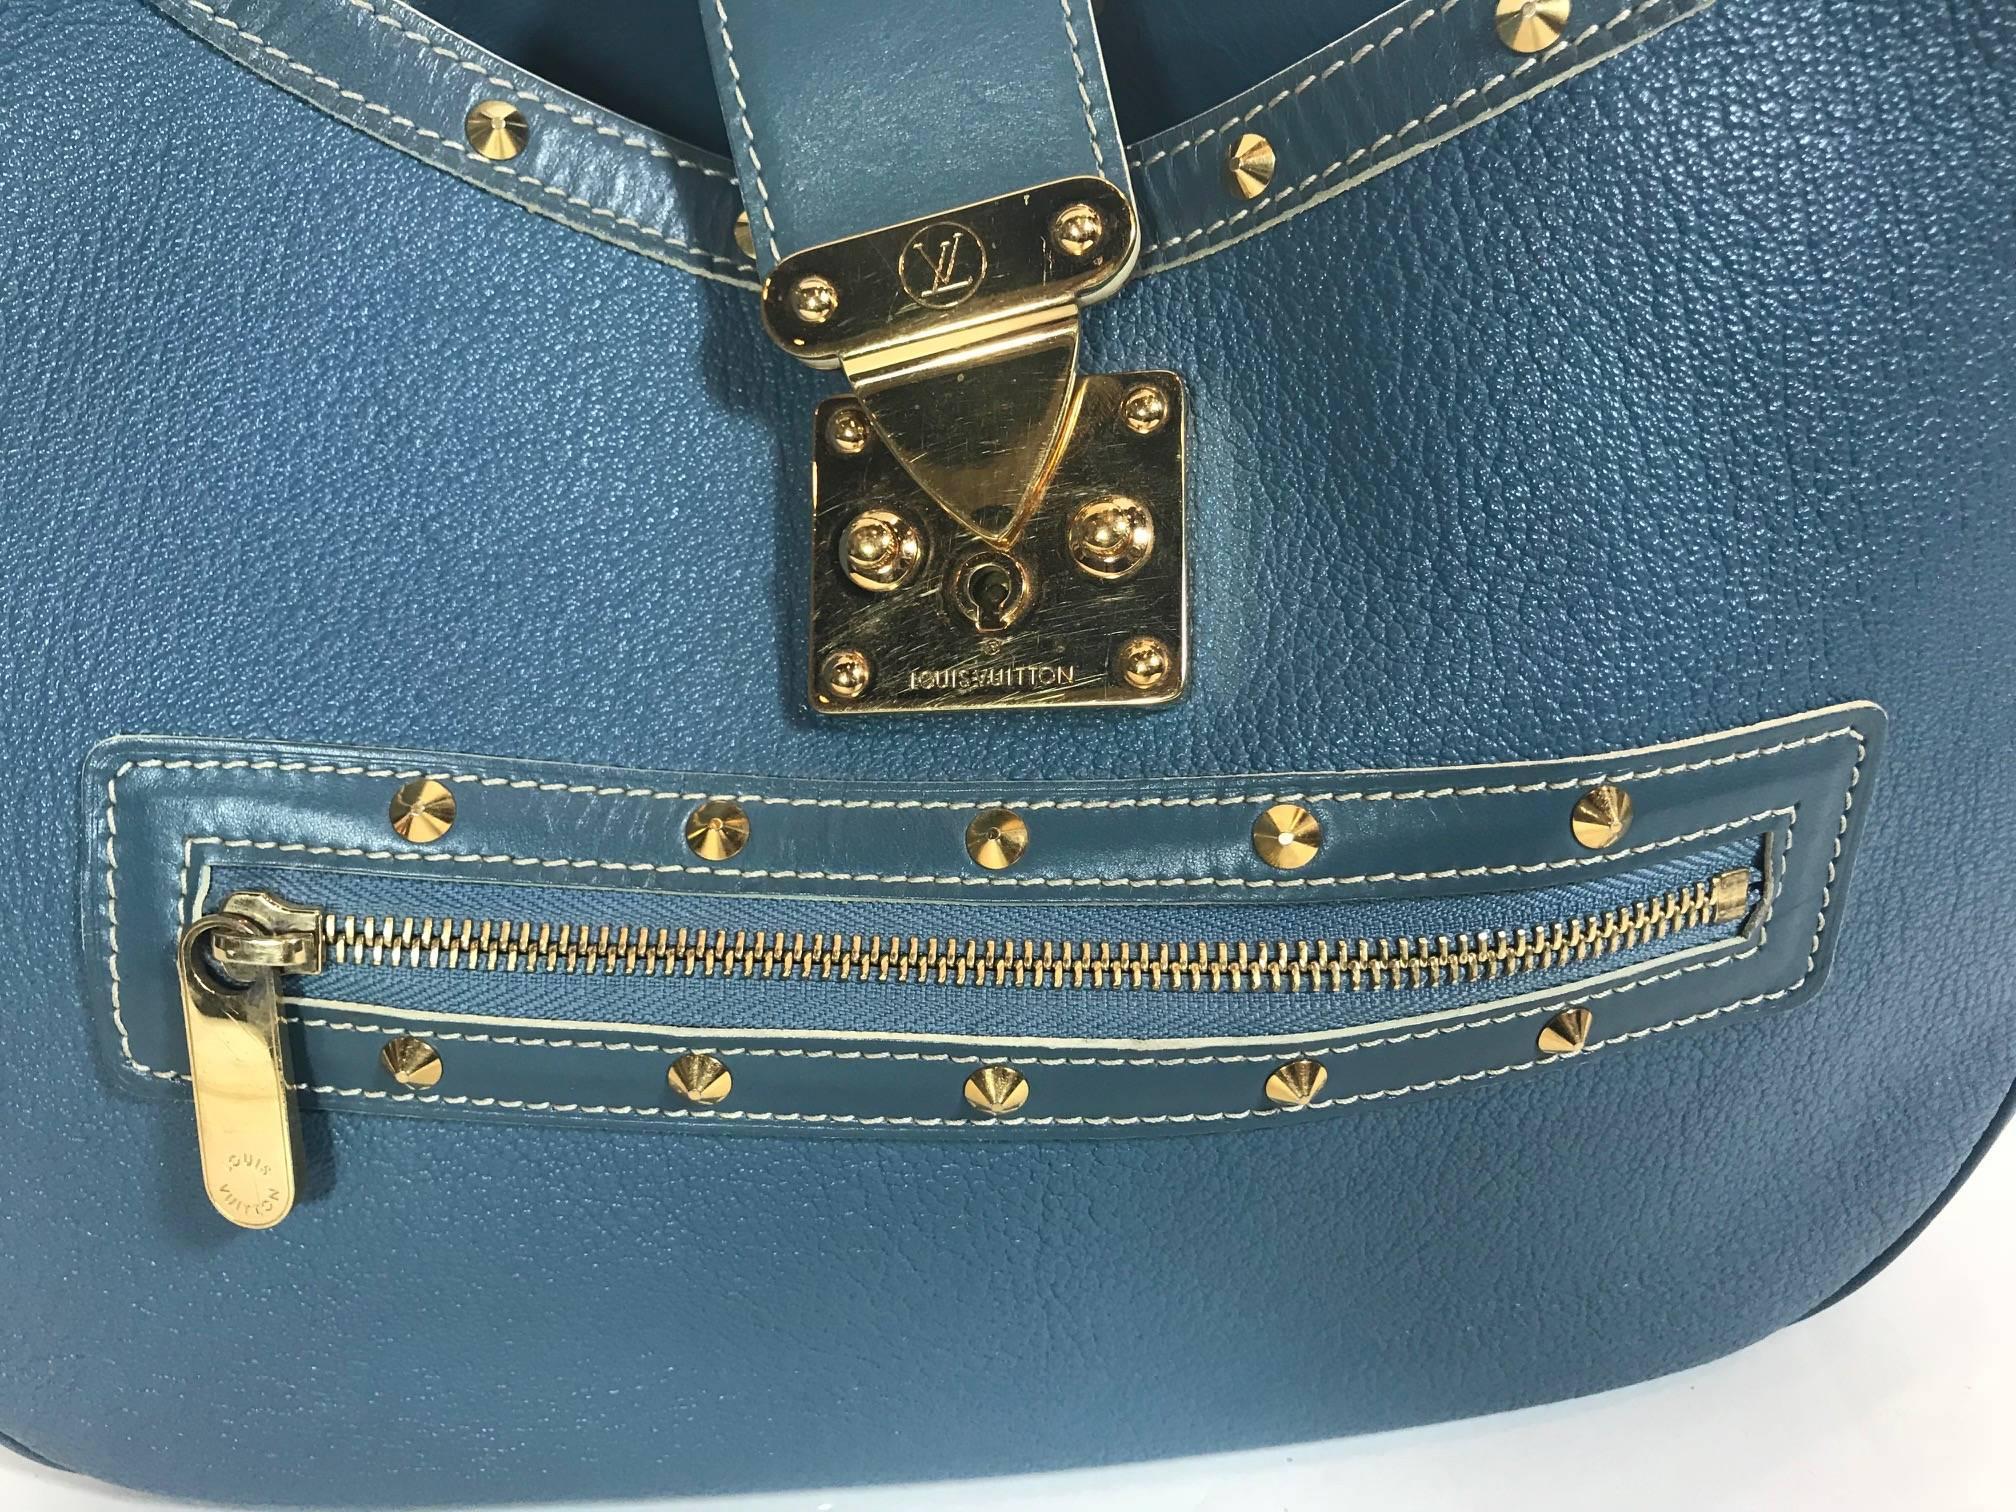 ef34c5613f7e Louis Vuitton Suhali L Affriolant Handbag For Sale at 1stdibs